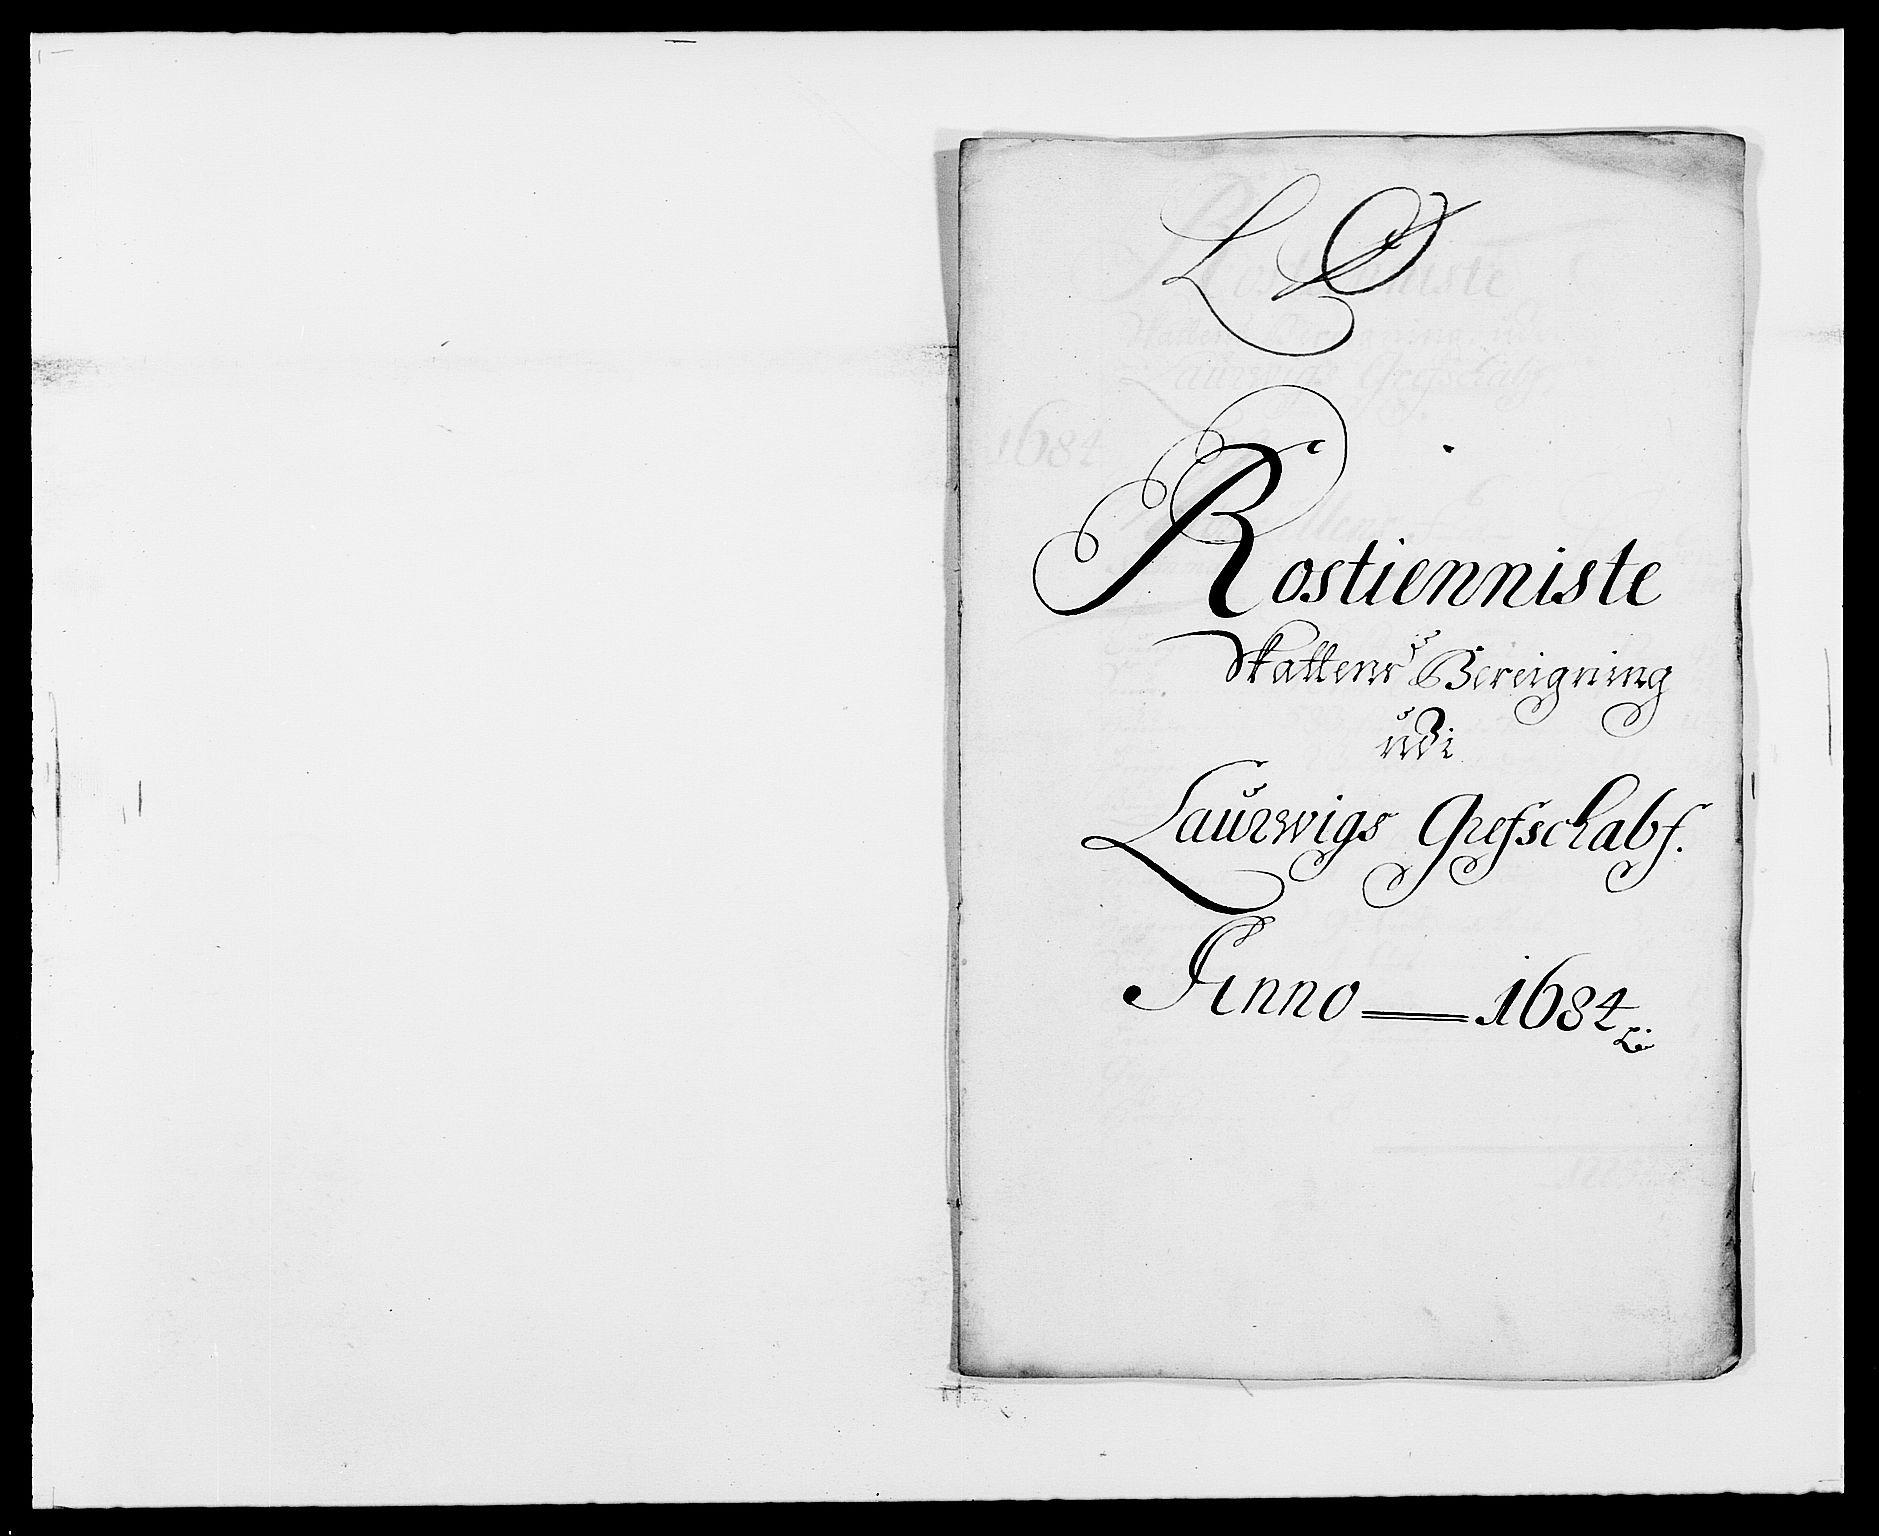 RA, Rentekammeret inntil 1814, Reviderte regnskaper, Fogderegnskap, R33/L1969: Fogderegnskap Larvik grevskap, 1675-1687, s. 433